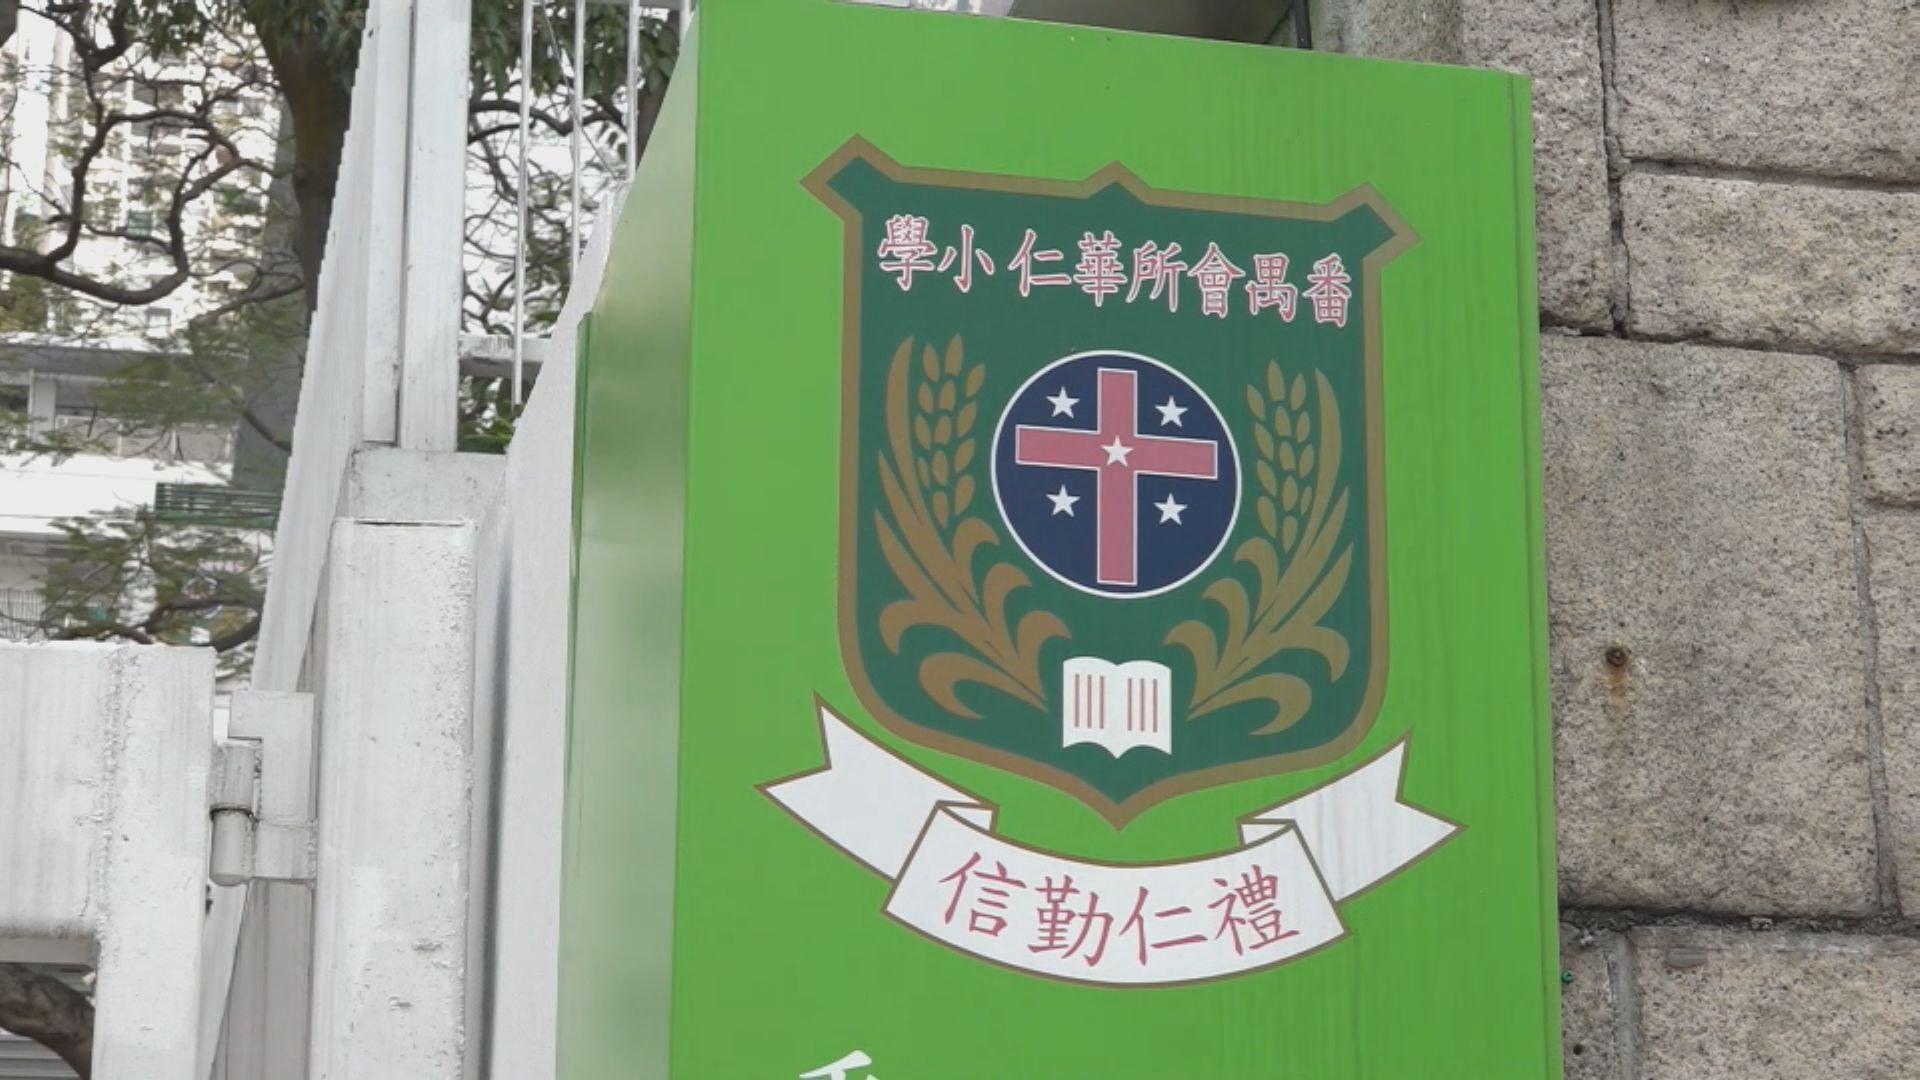 足球教練初確 華仁小學9學生參與校外訓練須隔離